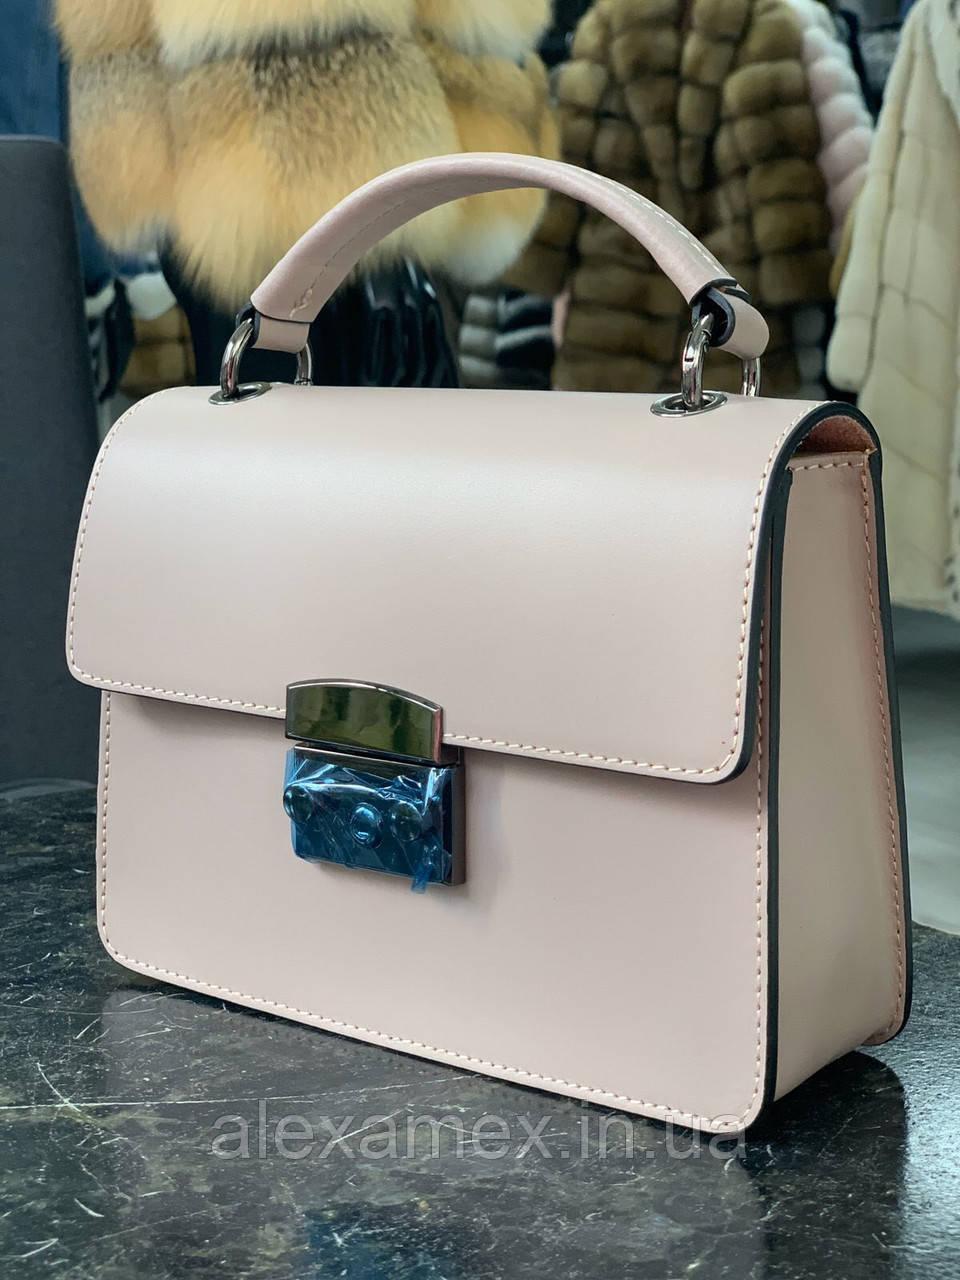 Итальянская кожаная сумка пудра